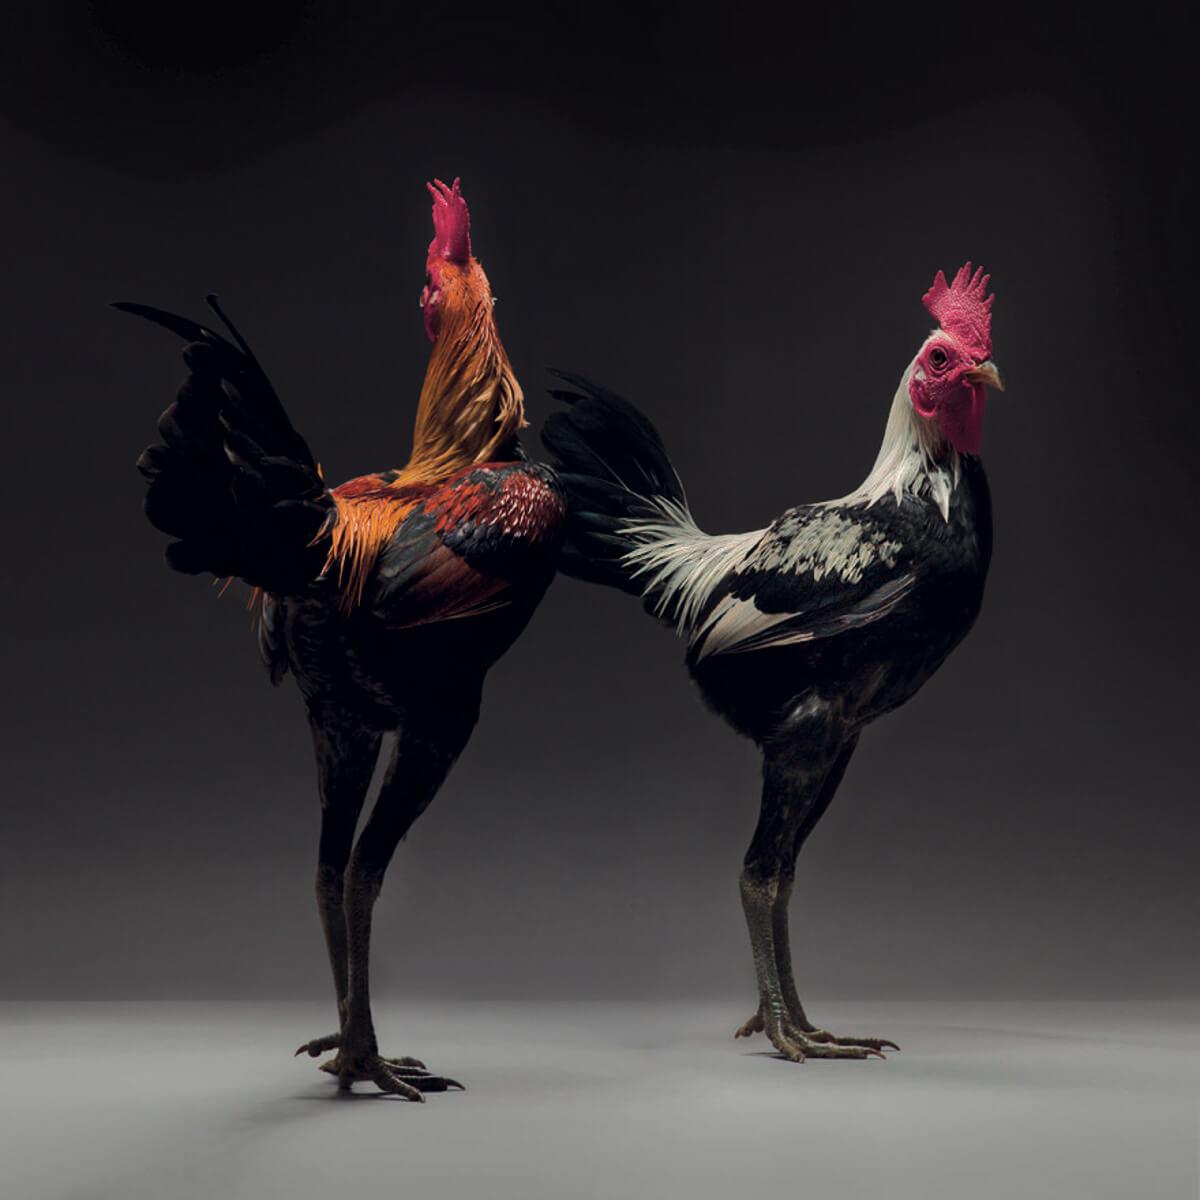 chicken portraits moreno monti matteo tranchellini 13 (1)